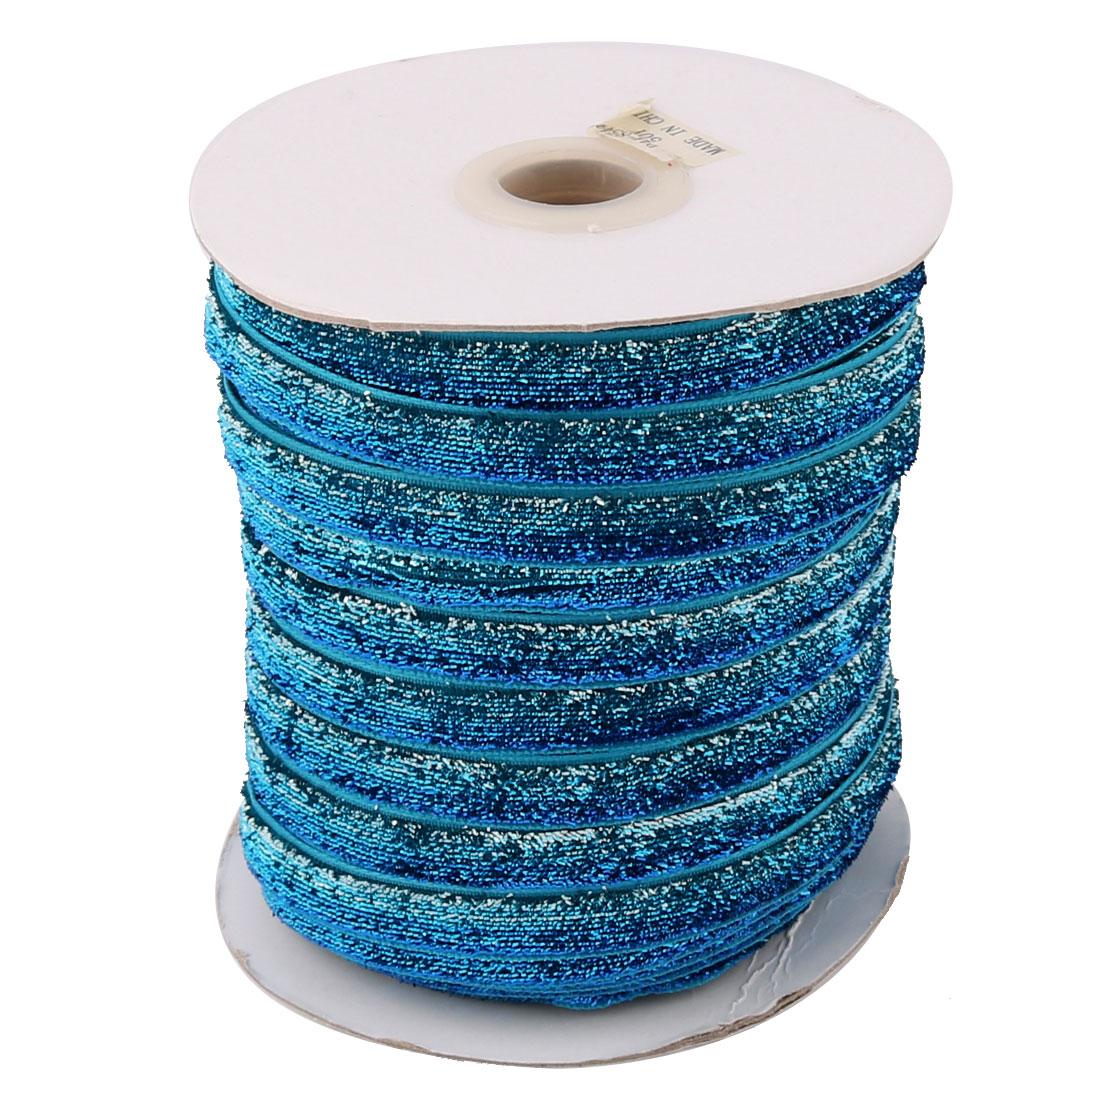 Household Decoration Velvet Sparkle Ribbon Multifunction DIY Gift Blue Teal